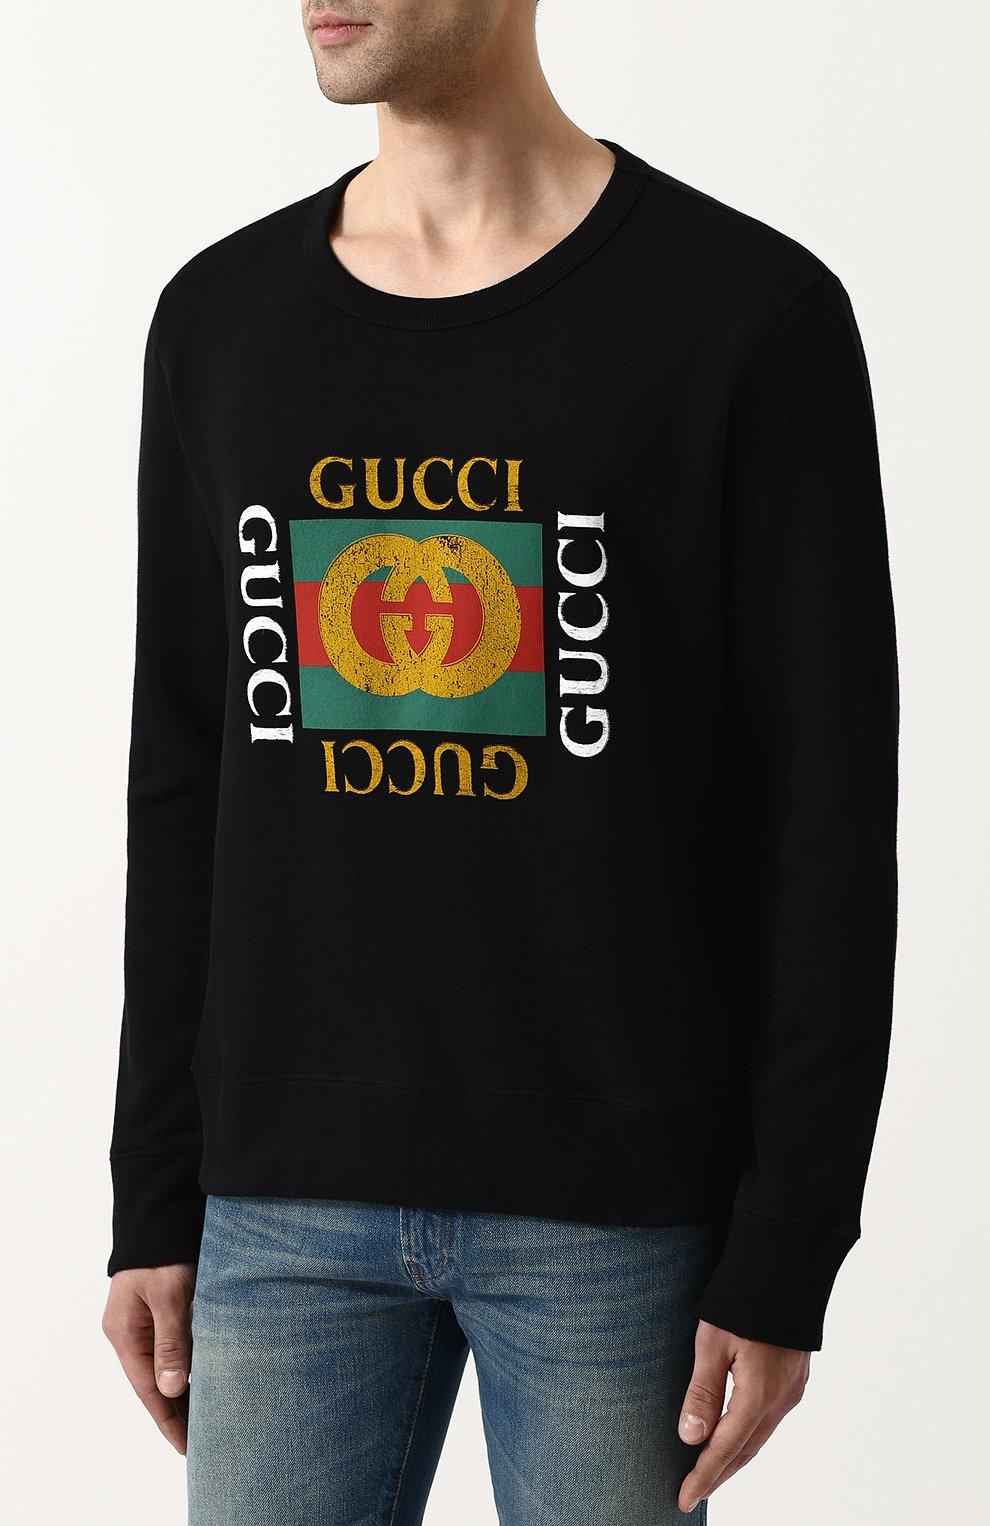 f73c6bca391a Мужская одежда Gucci по цене от 23 050 руб. купить в интернет-магазине ЦУМ